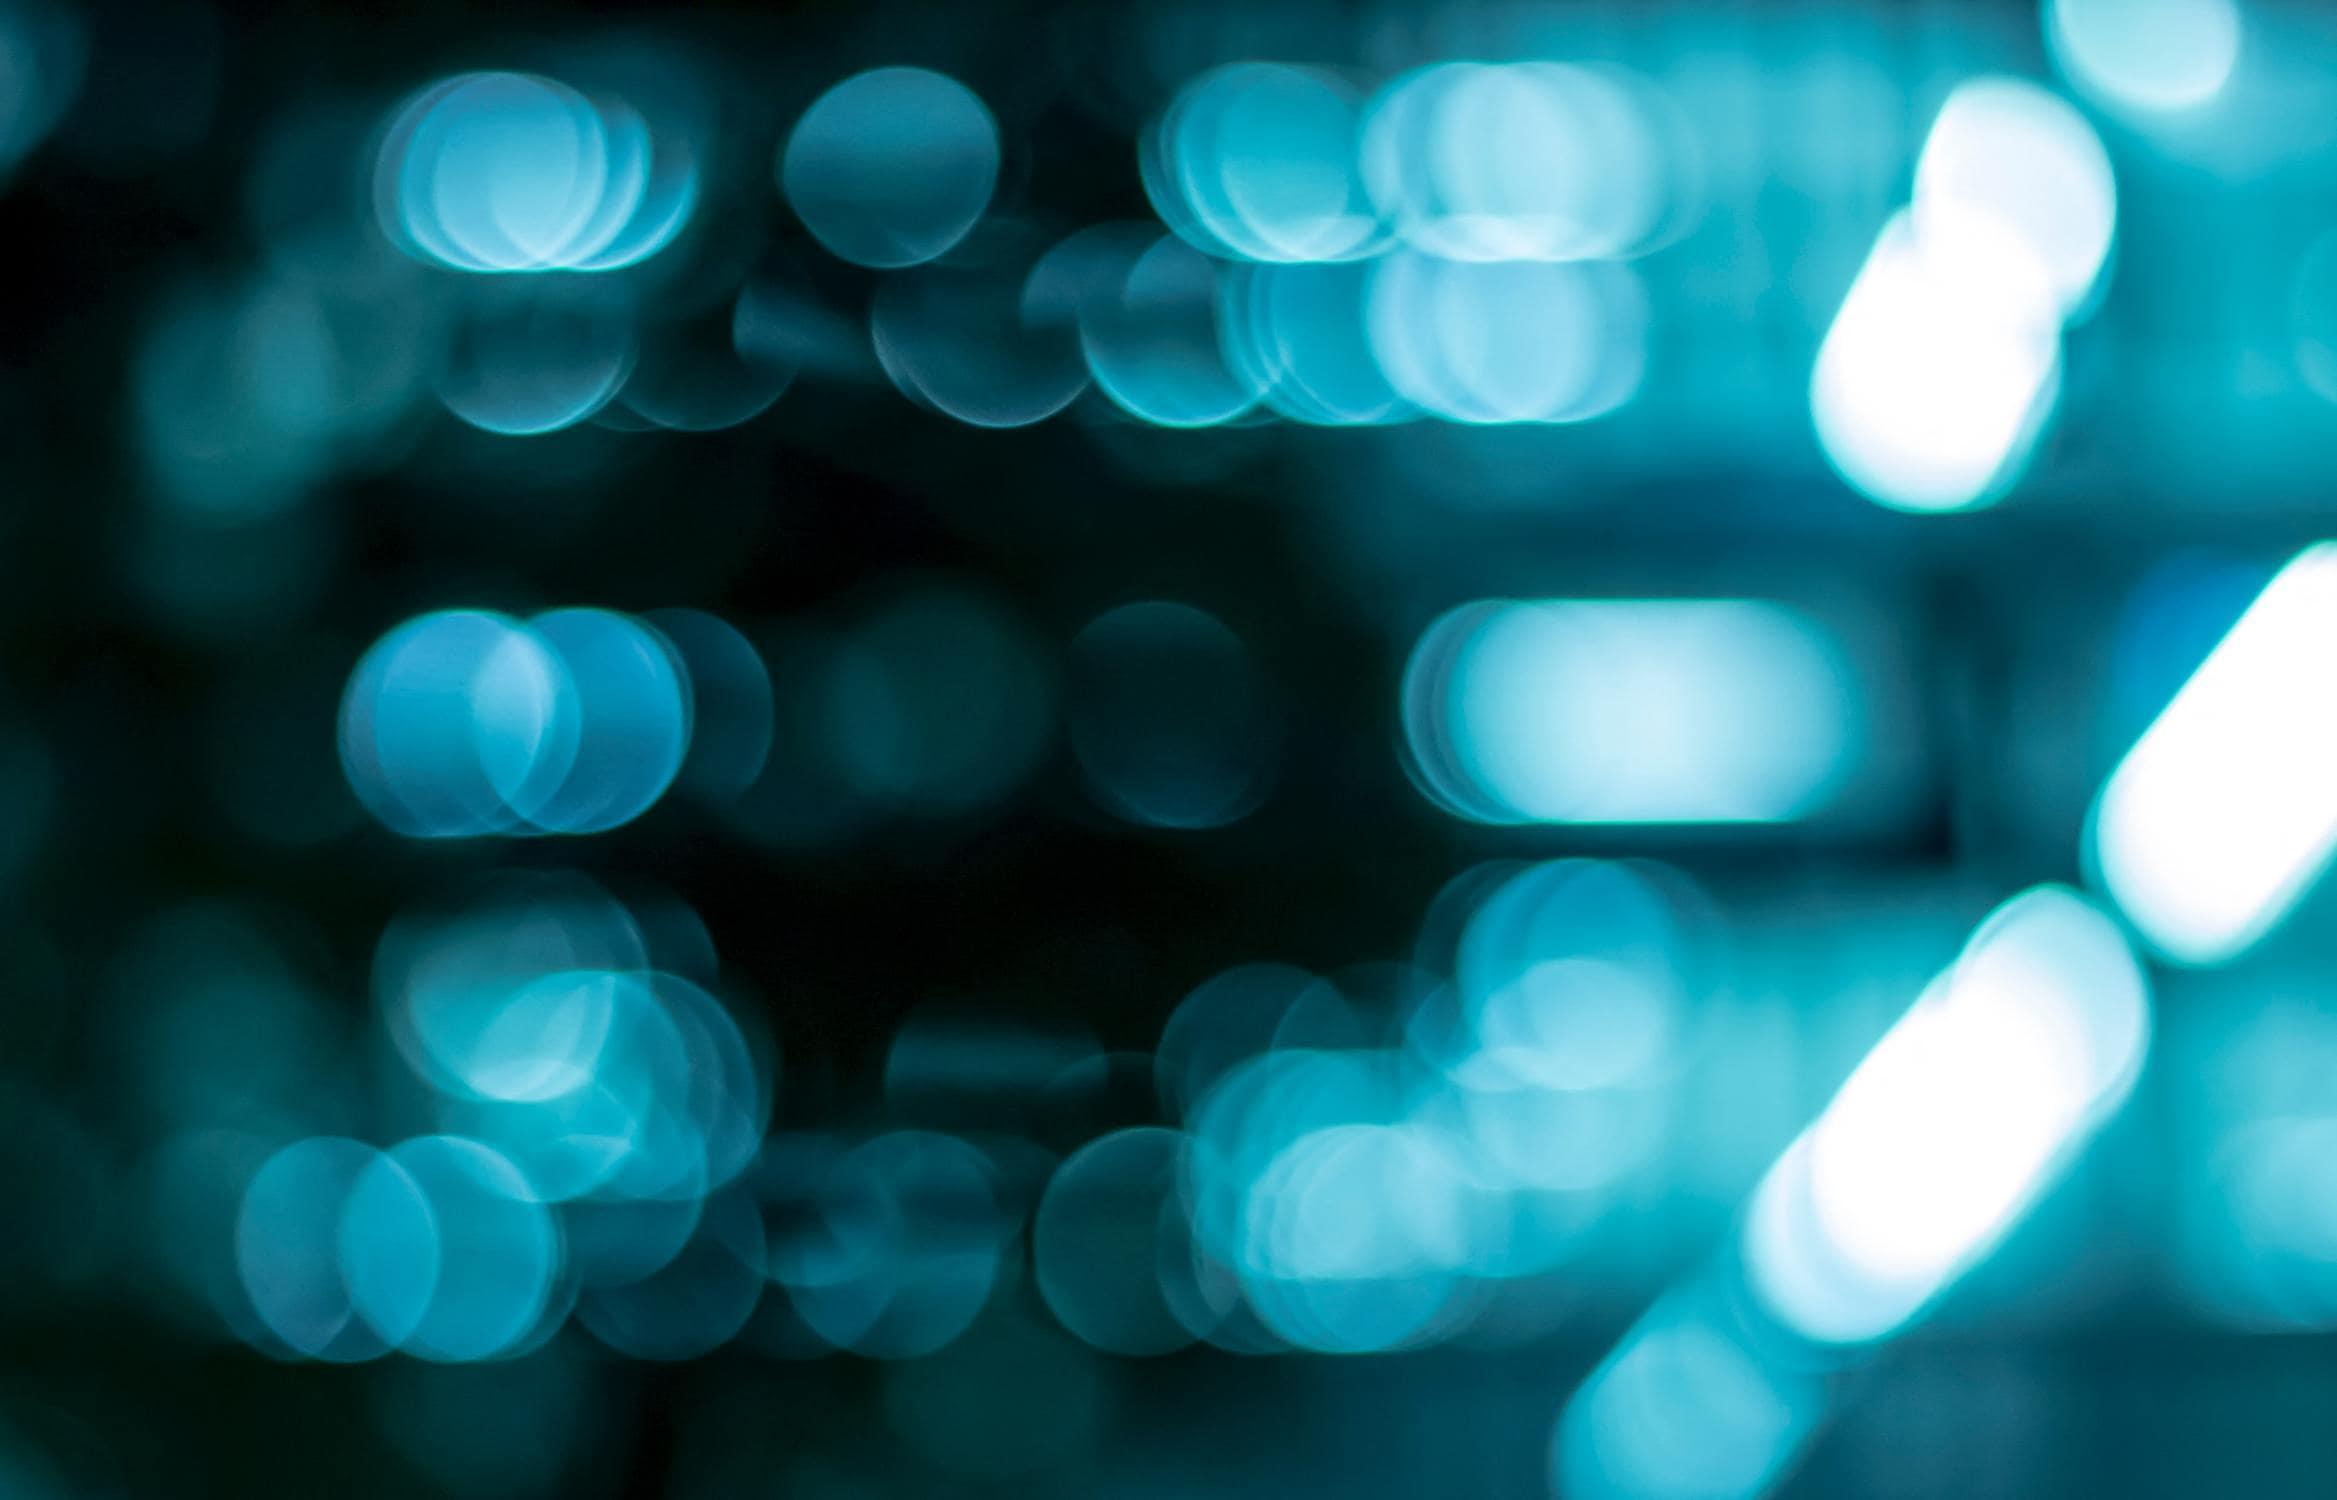 Ein Bild unscharfer Teilchen, das die Frage stellt: Wie funktioniert Beamen?